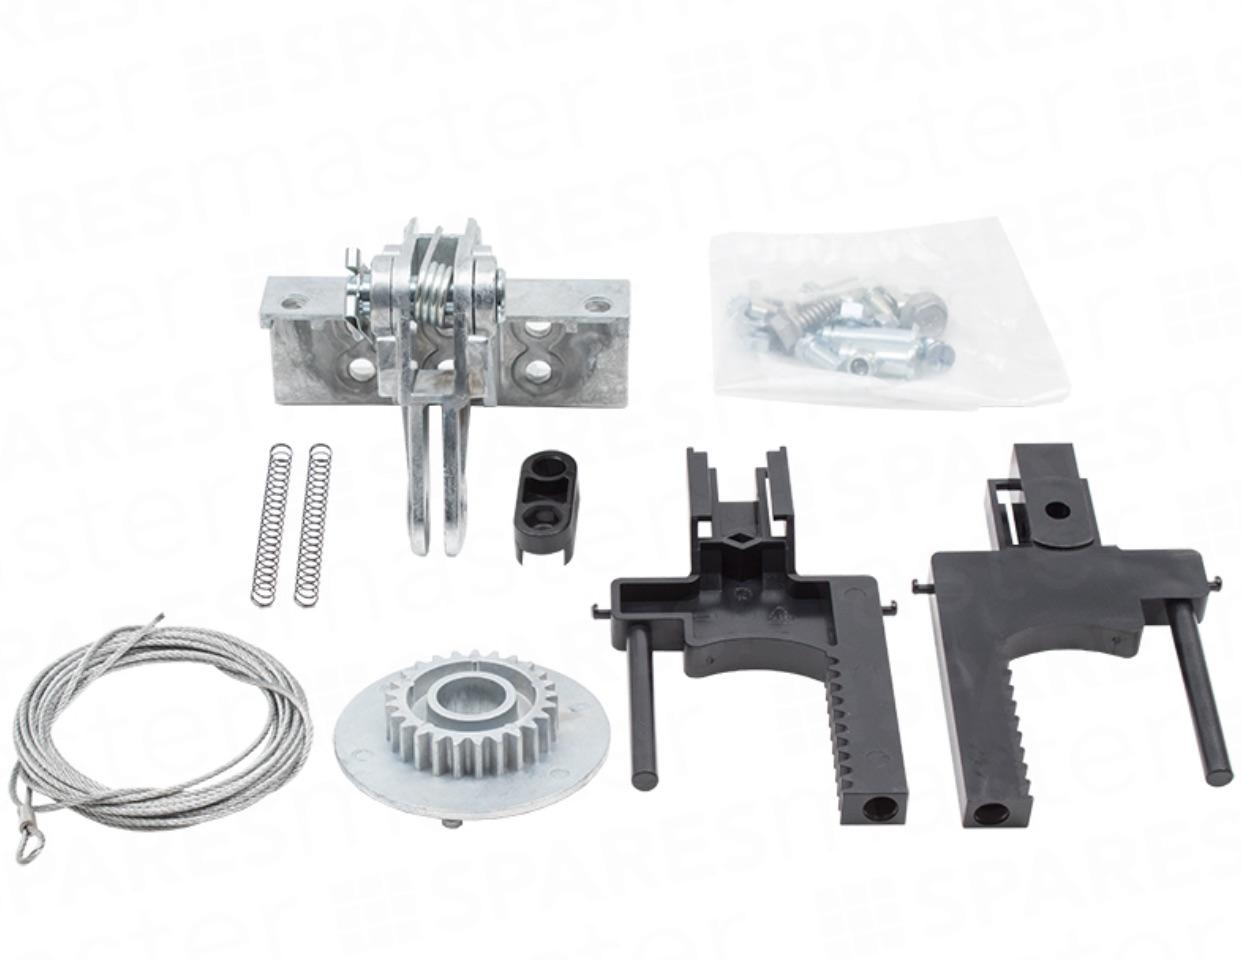 Hormann Garage Door Remote Lift Operator Delatching Kit VRS1